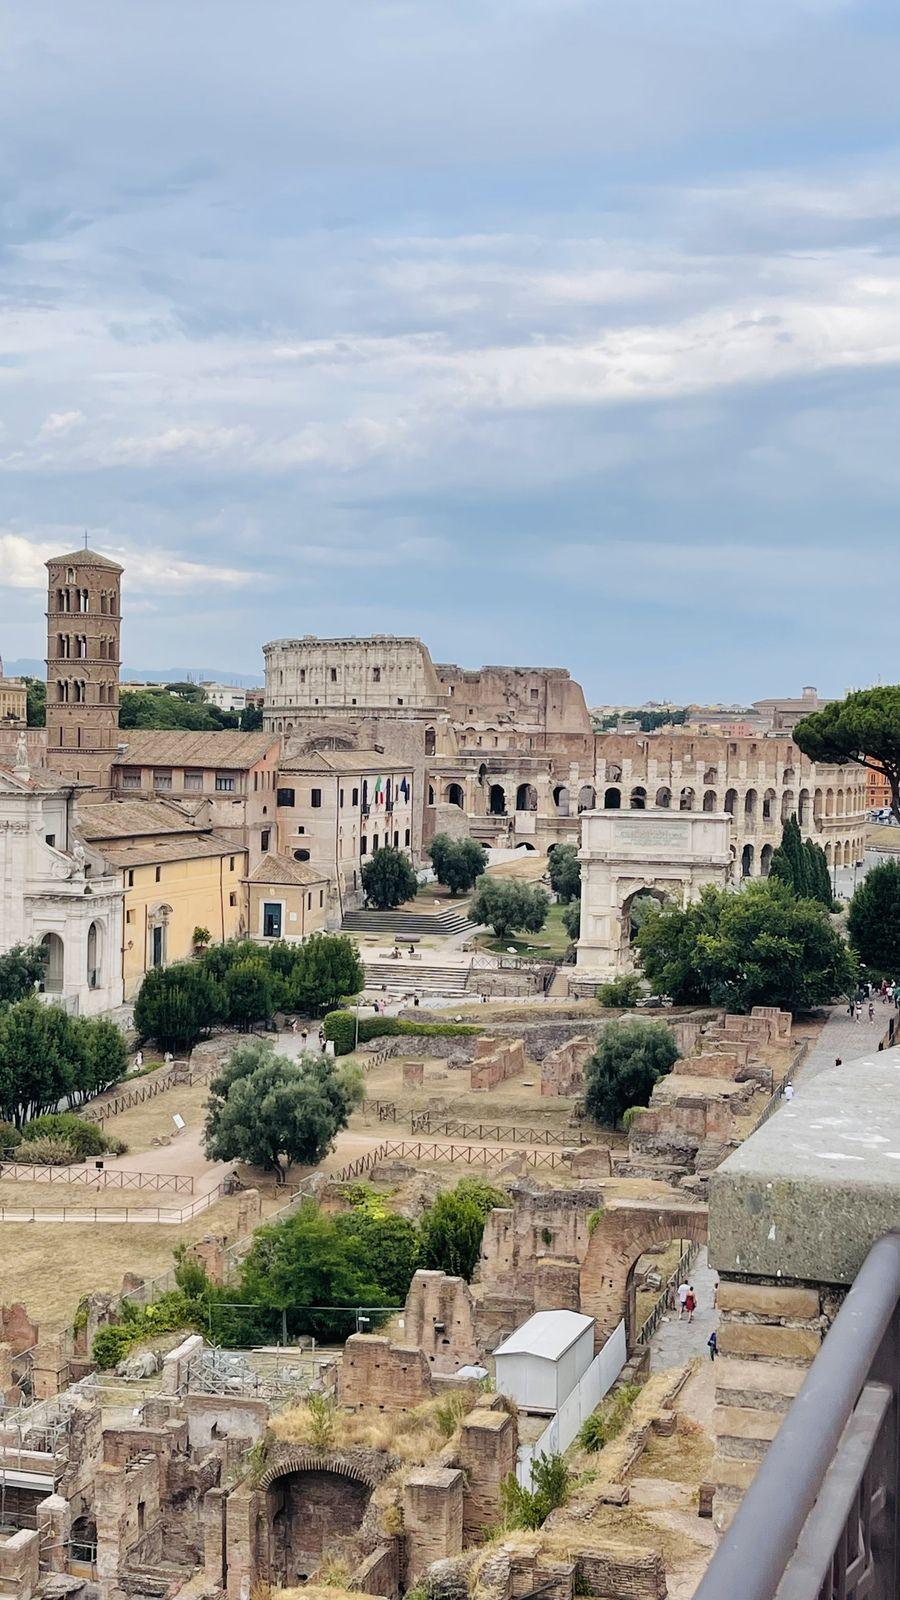 Les ruines de la Rome antique ou comment remonter le temps